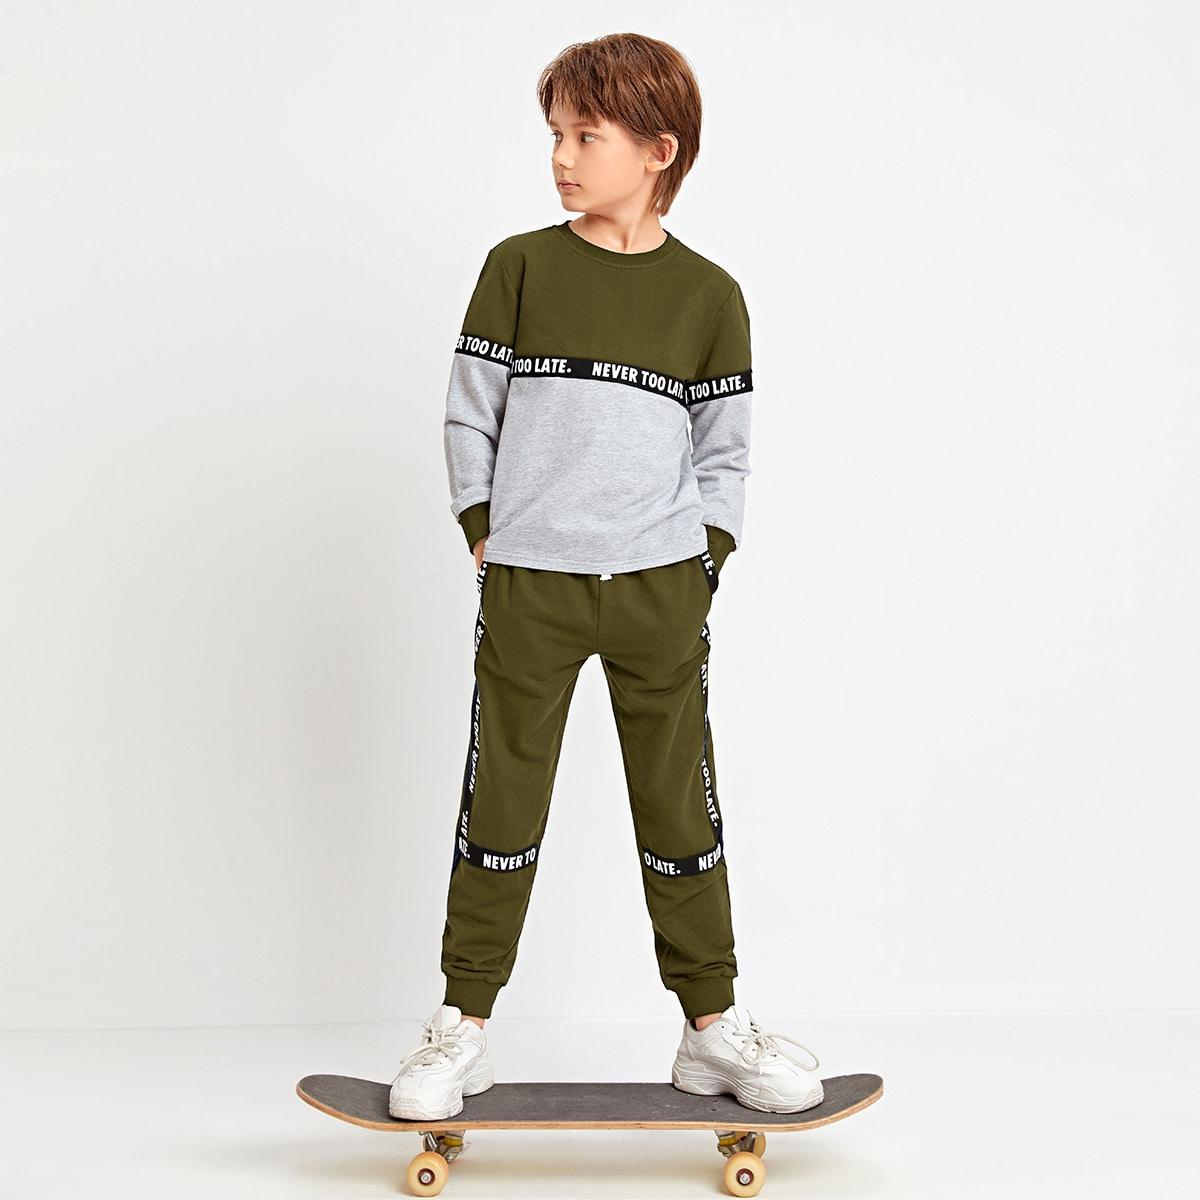 Двухцветный пуловер и спортивные брюки с текстовой лентой для мальчиков